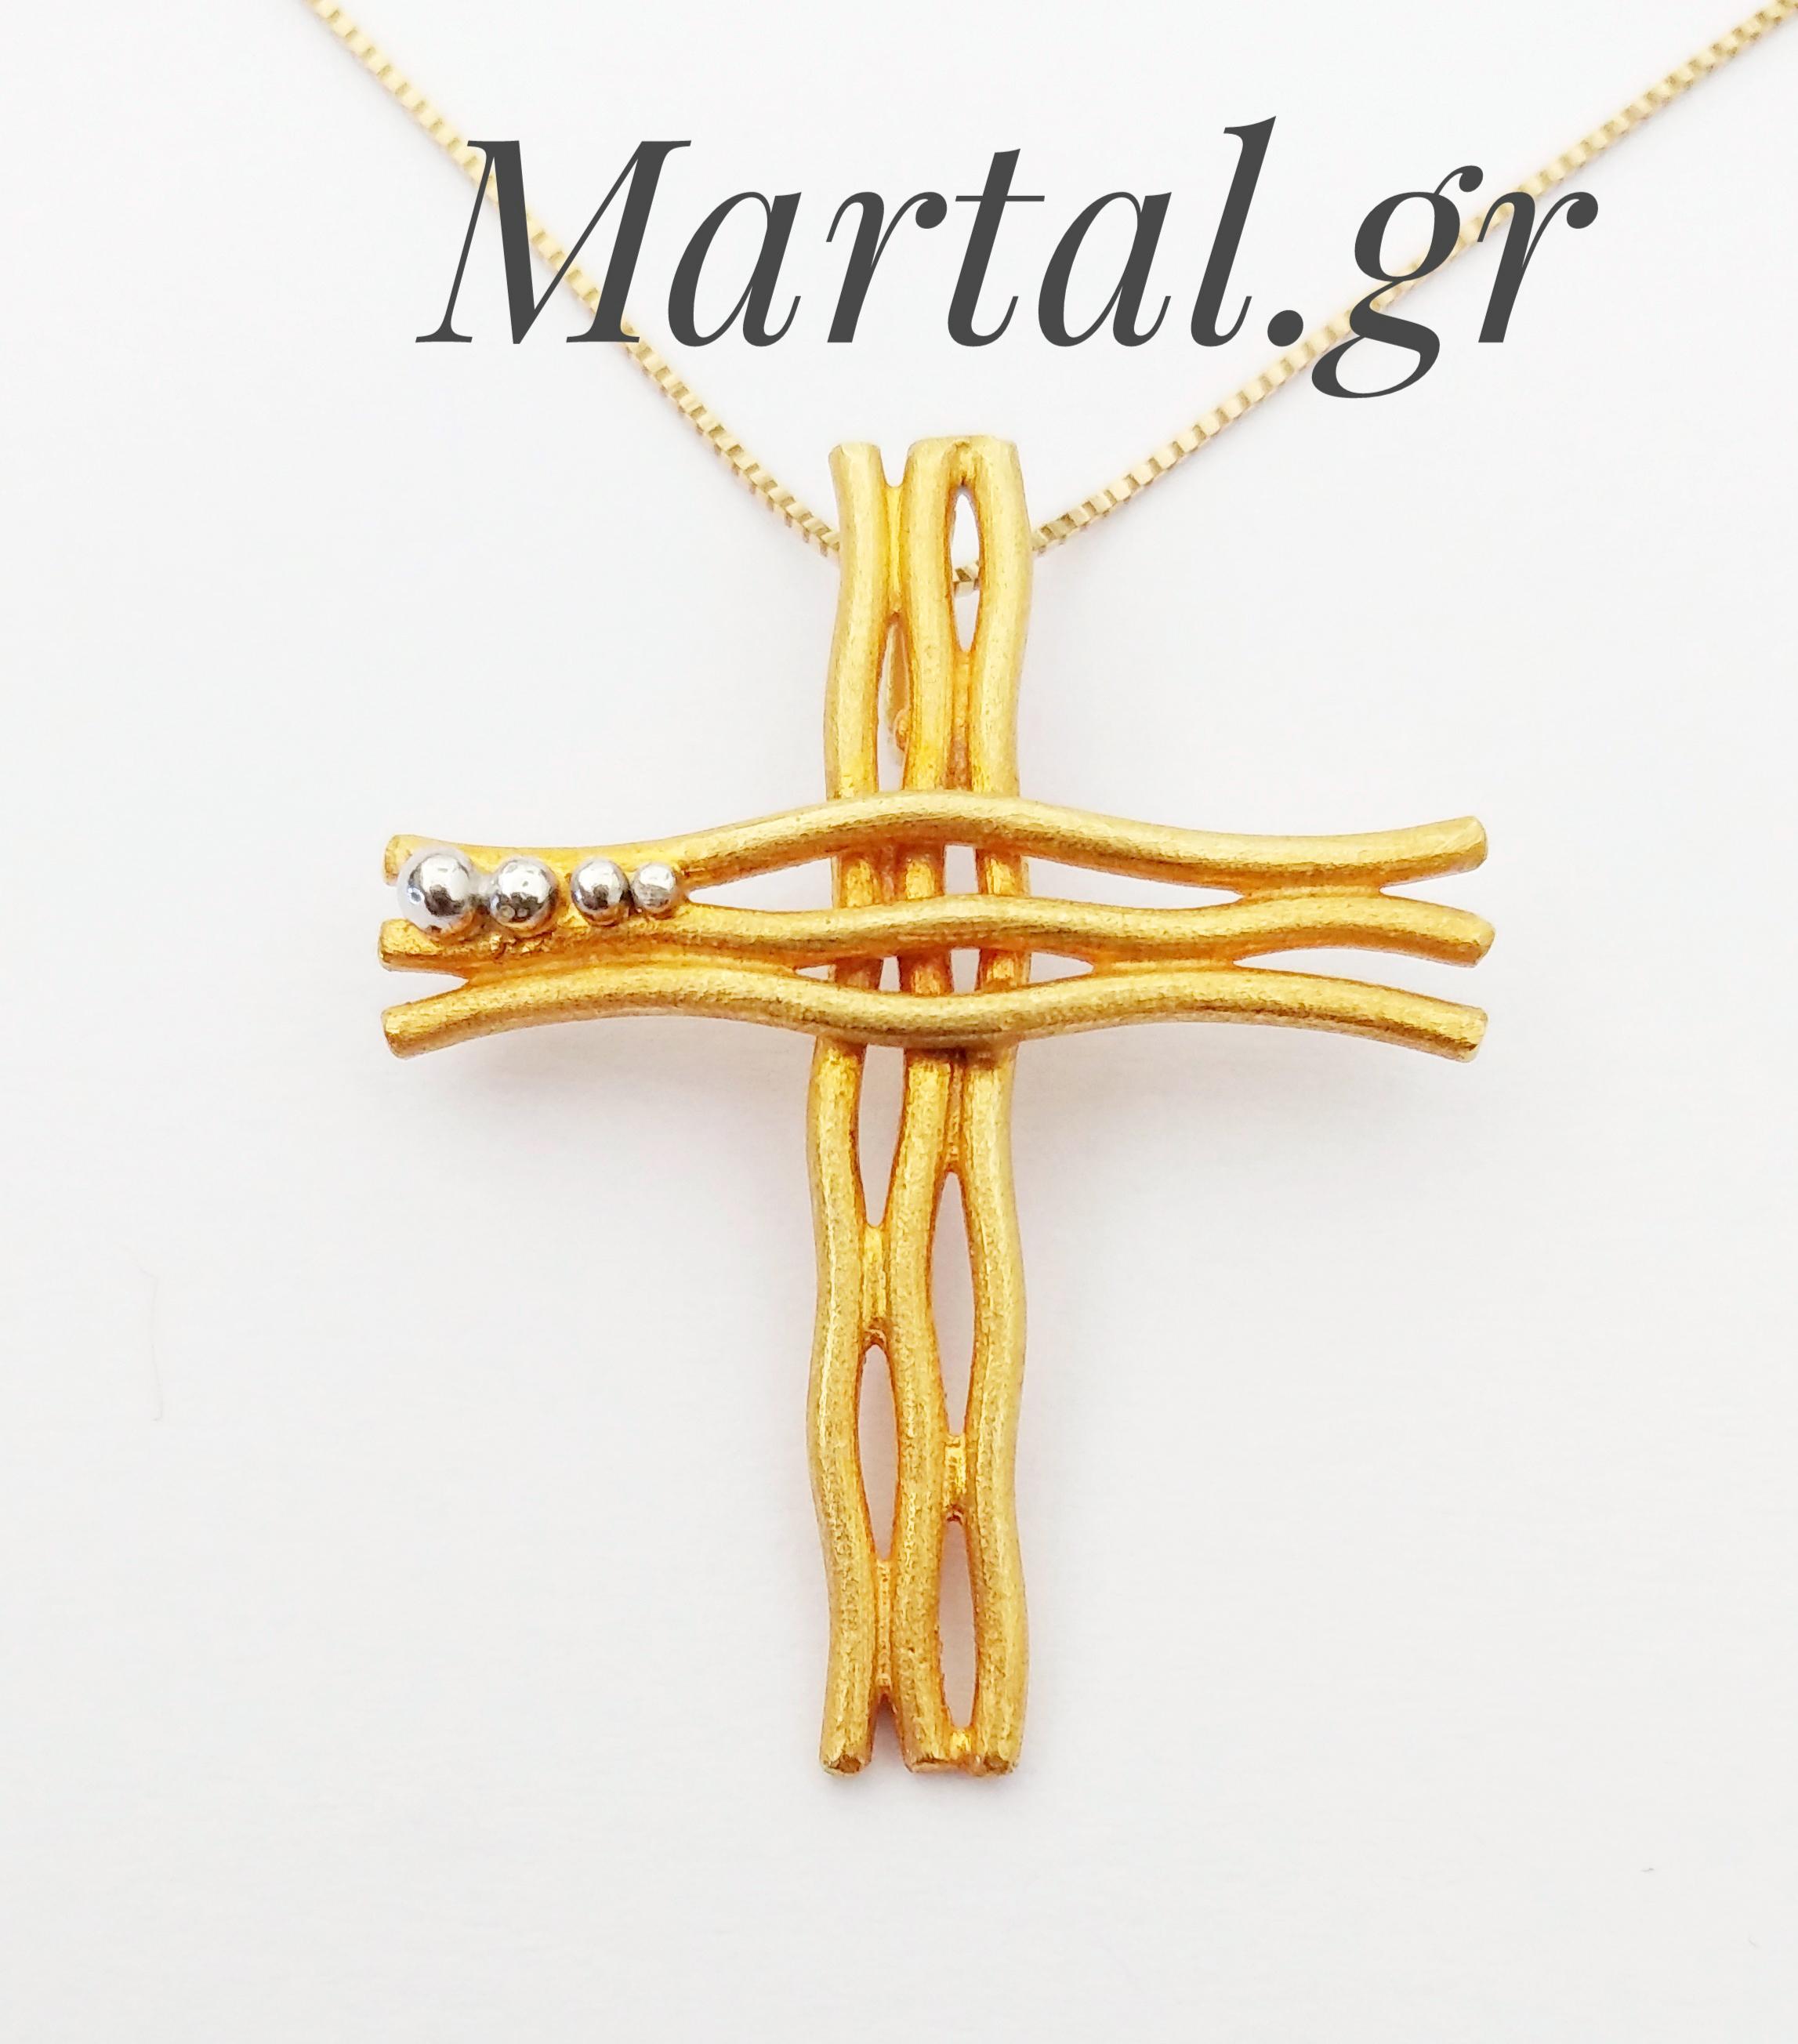 Σταυρός μοναδικός χειροποίητος από χρυσό 14Κ - Martal.gr 23d9d9c8f40